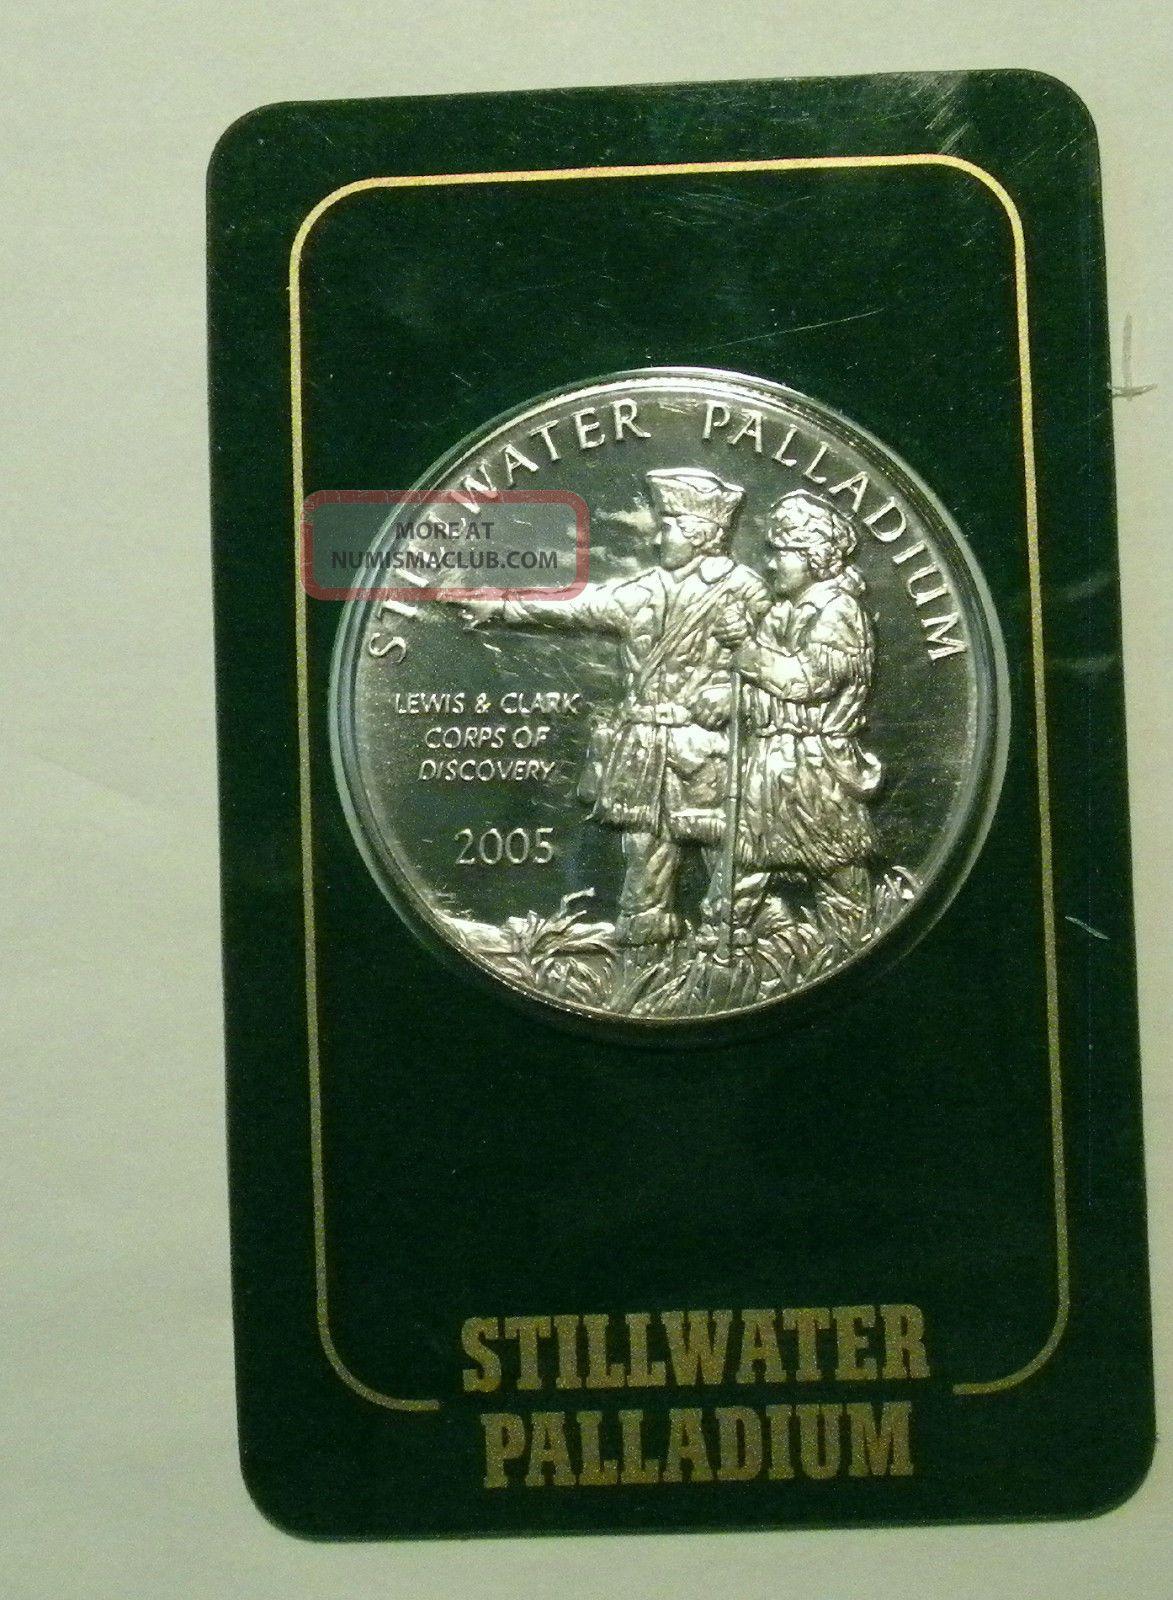 2005 Stillwater Lewis Amp Clark 1 Oz 9995 Palladium Coin